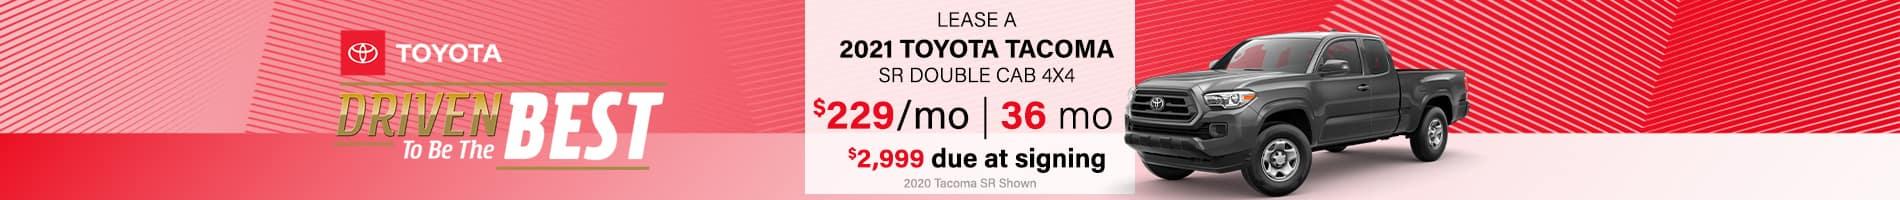 2021-07-07 Tacoma_Desk